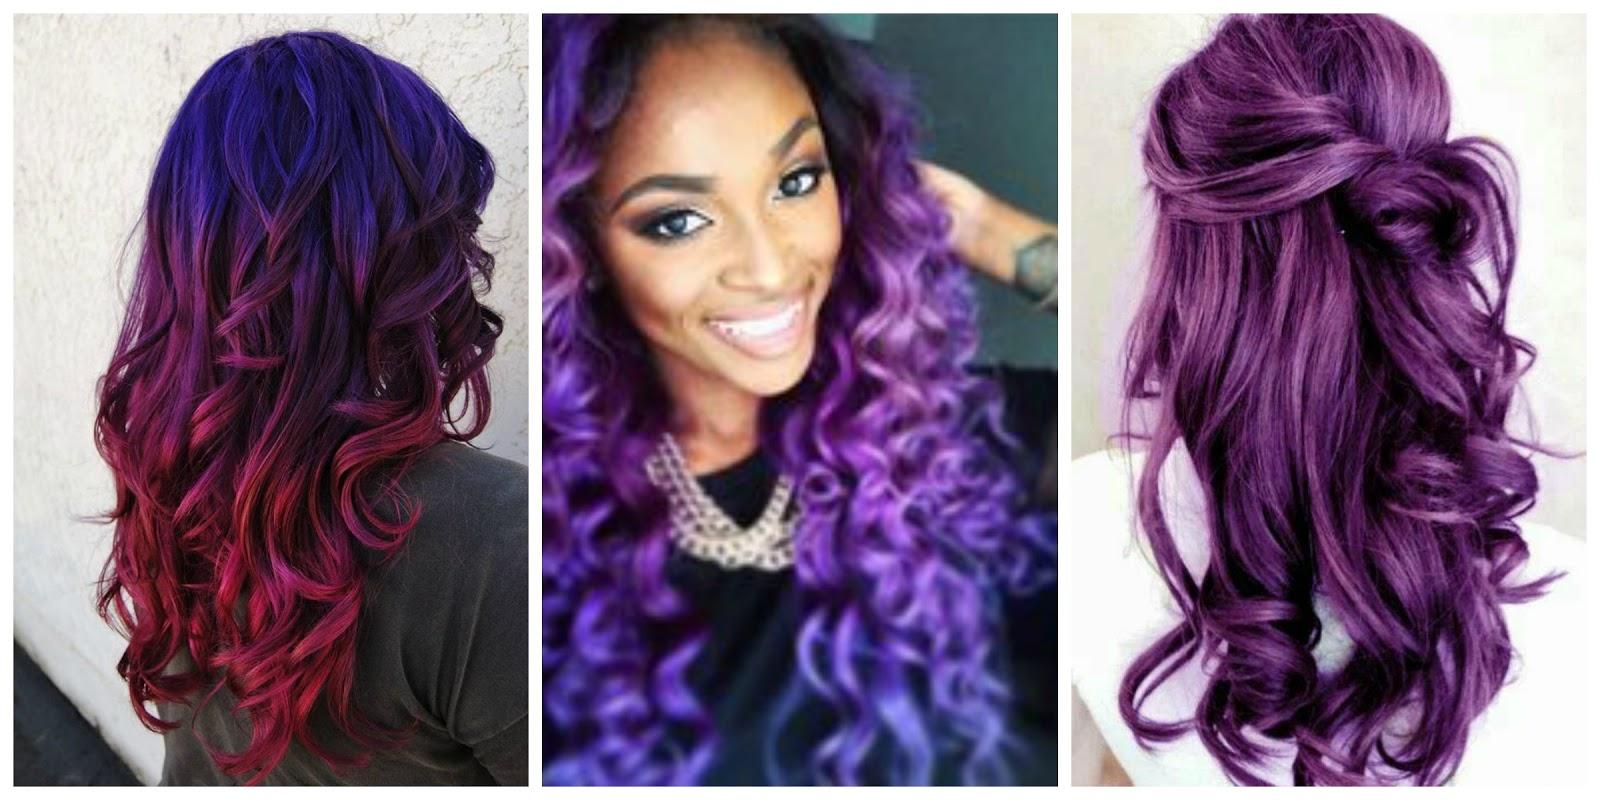 Lo mejor en Peinados y Color de Cabello para Mujer | Artes